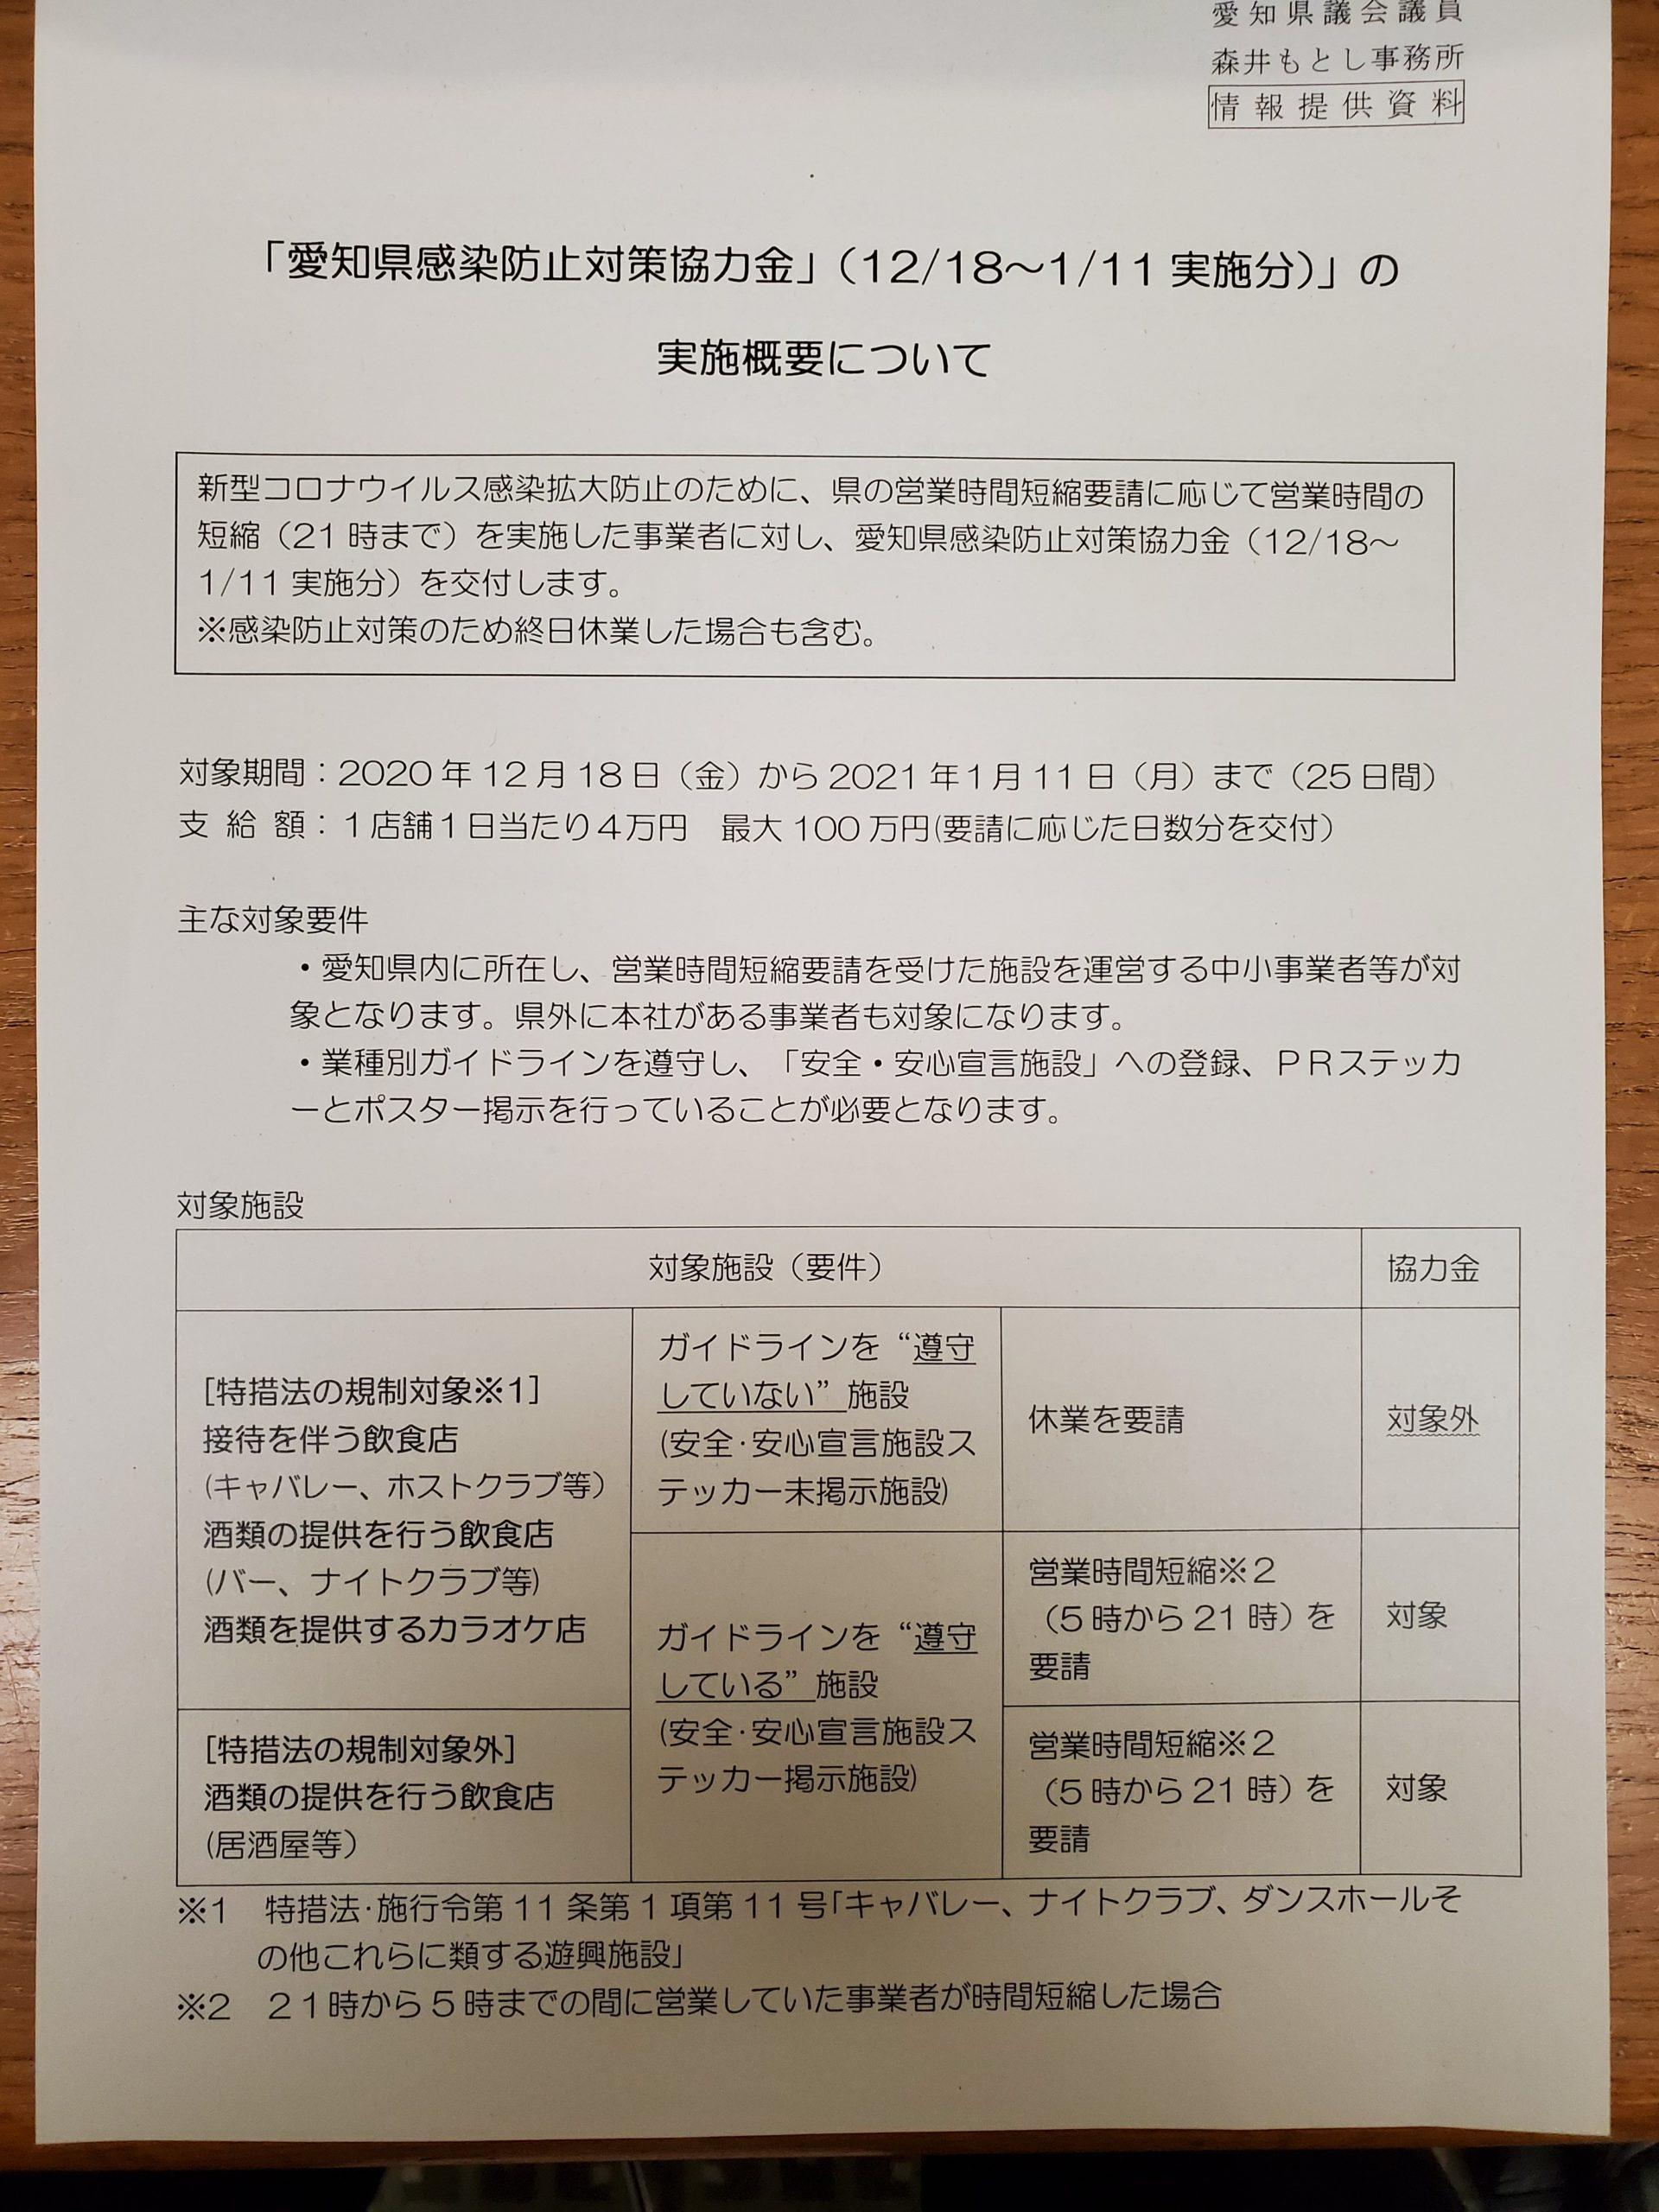 愛知県全域で営業時間短縮要請です。